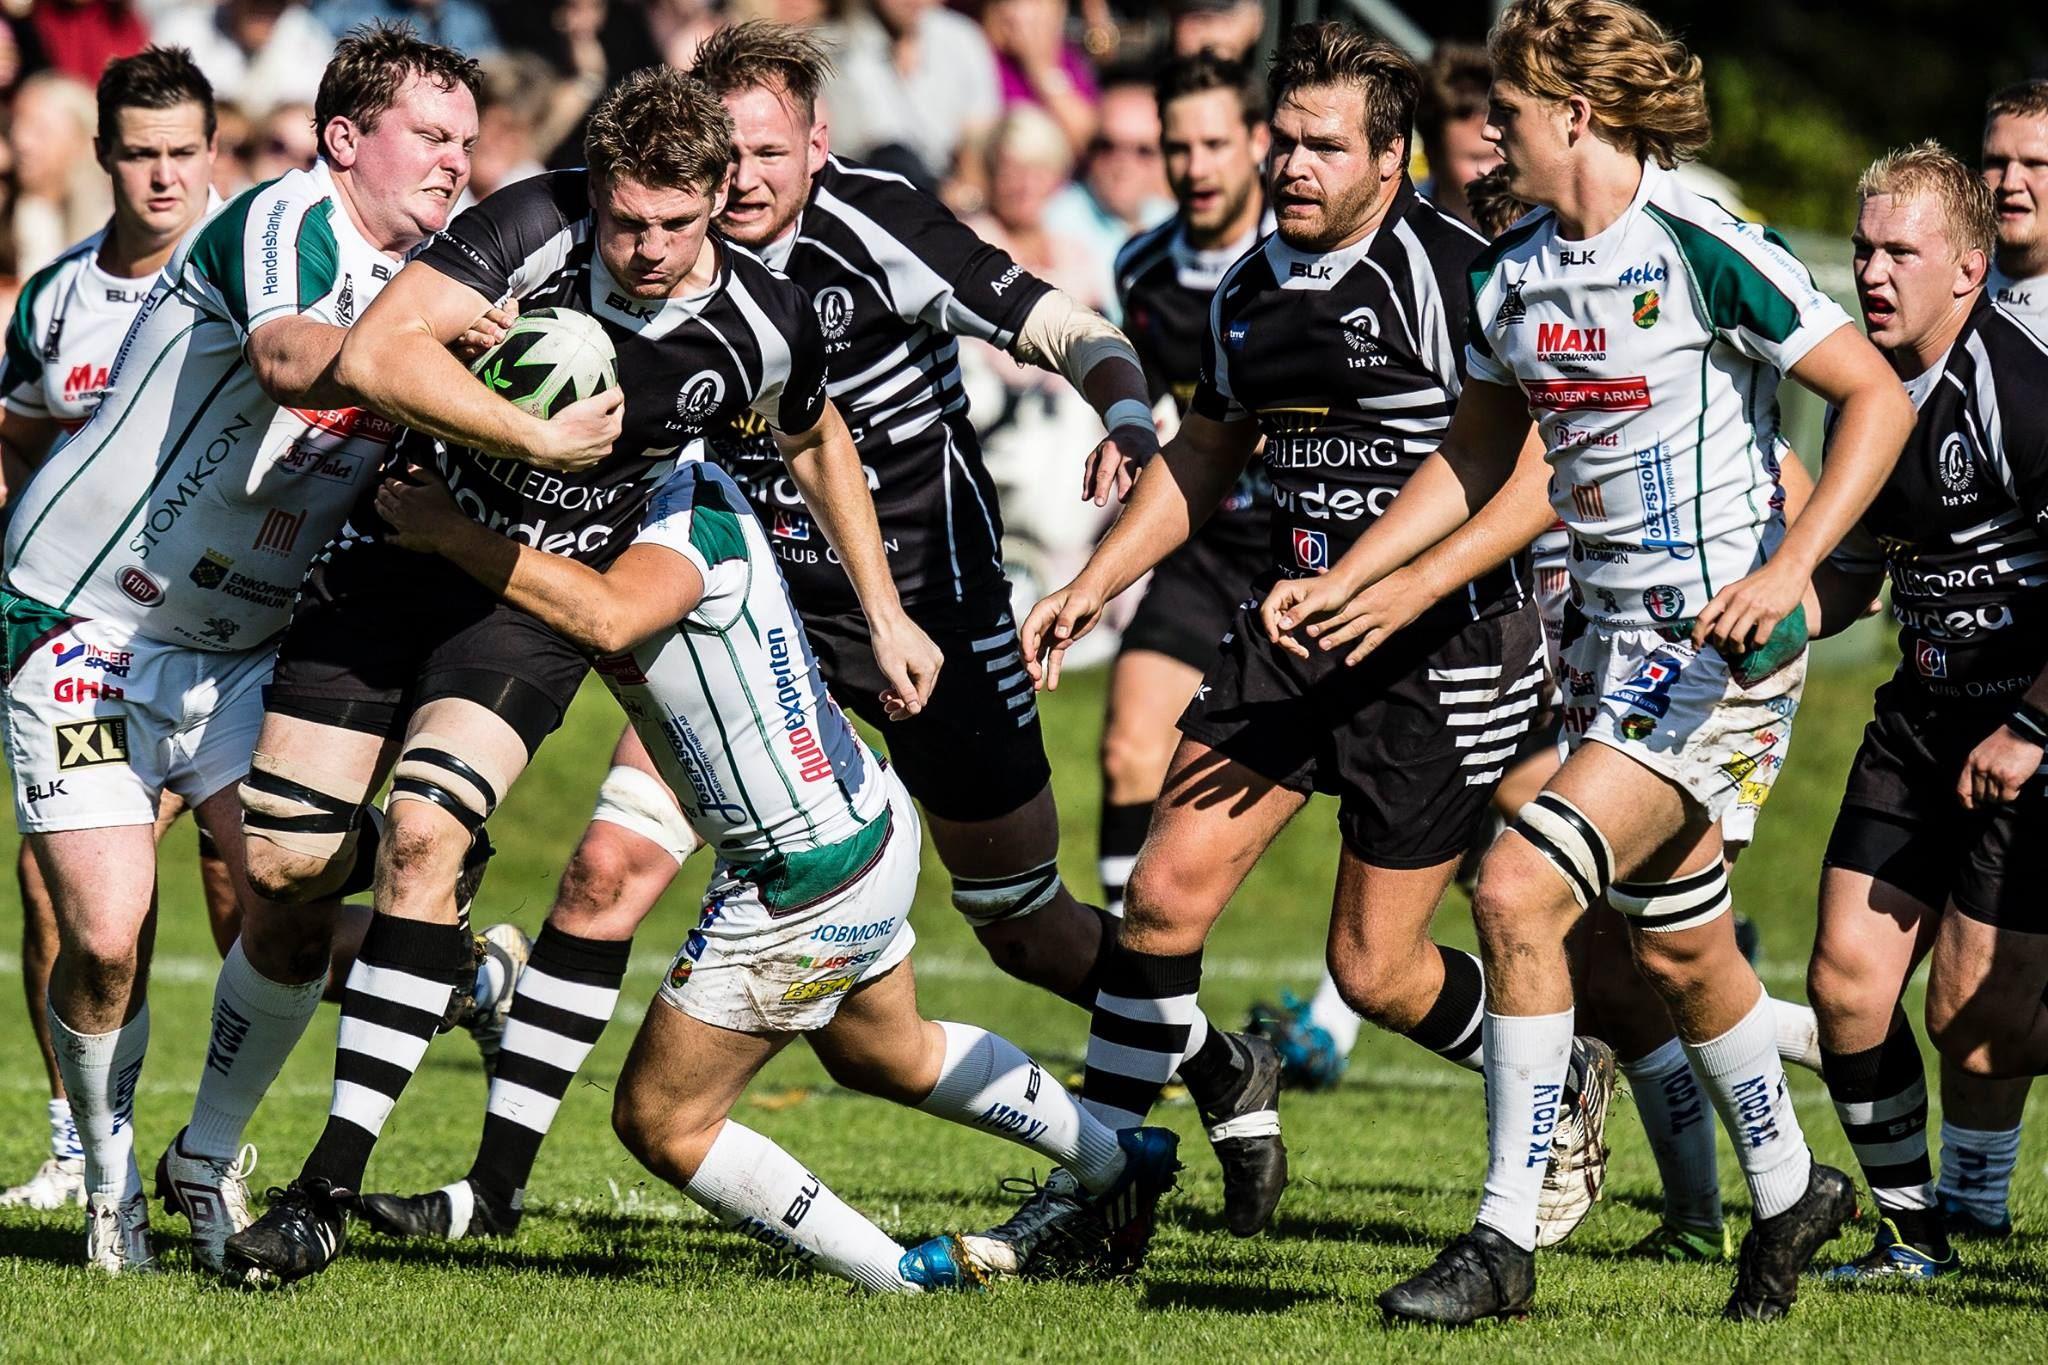 Pingvin Rugby Club - Årets rugbyallsvenska herrar